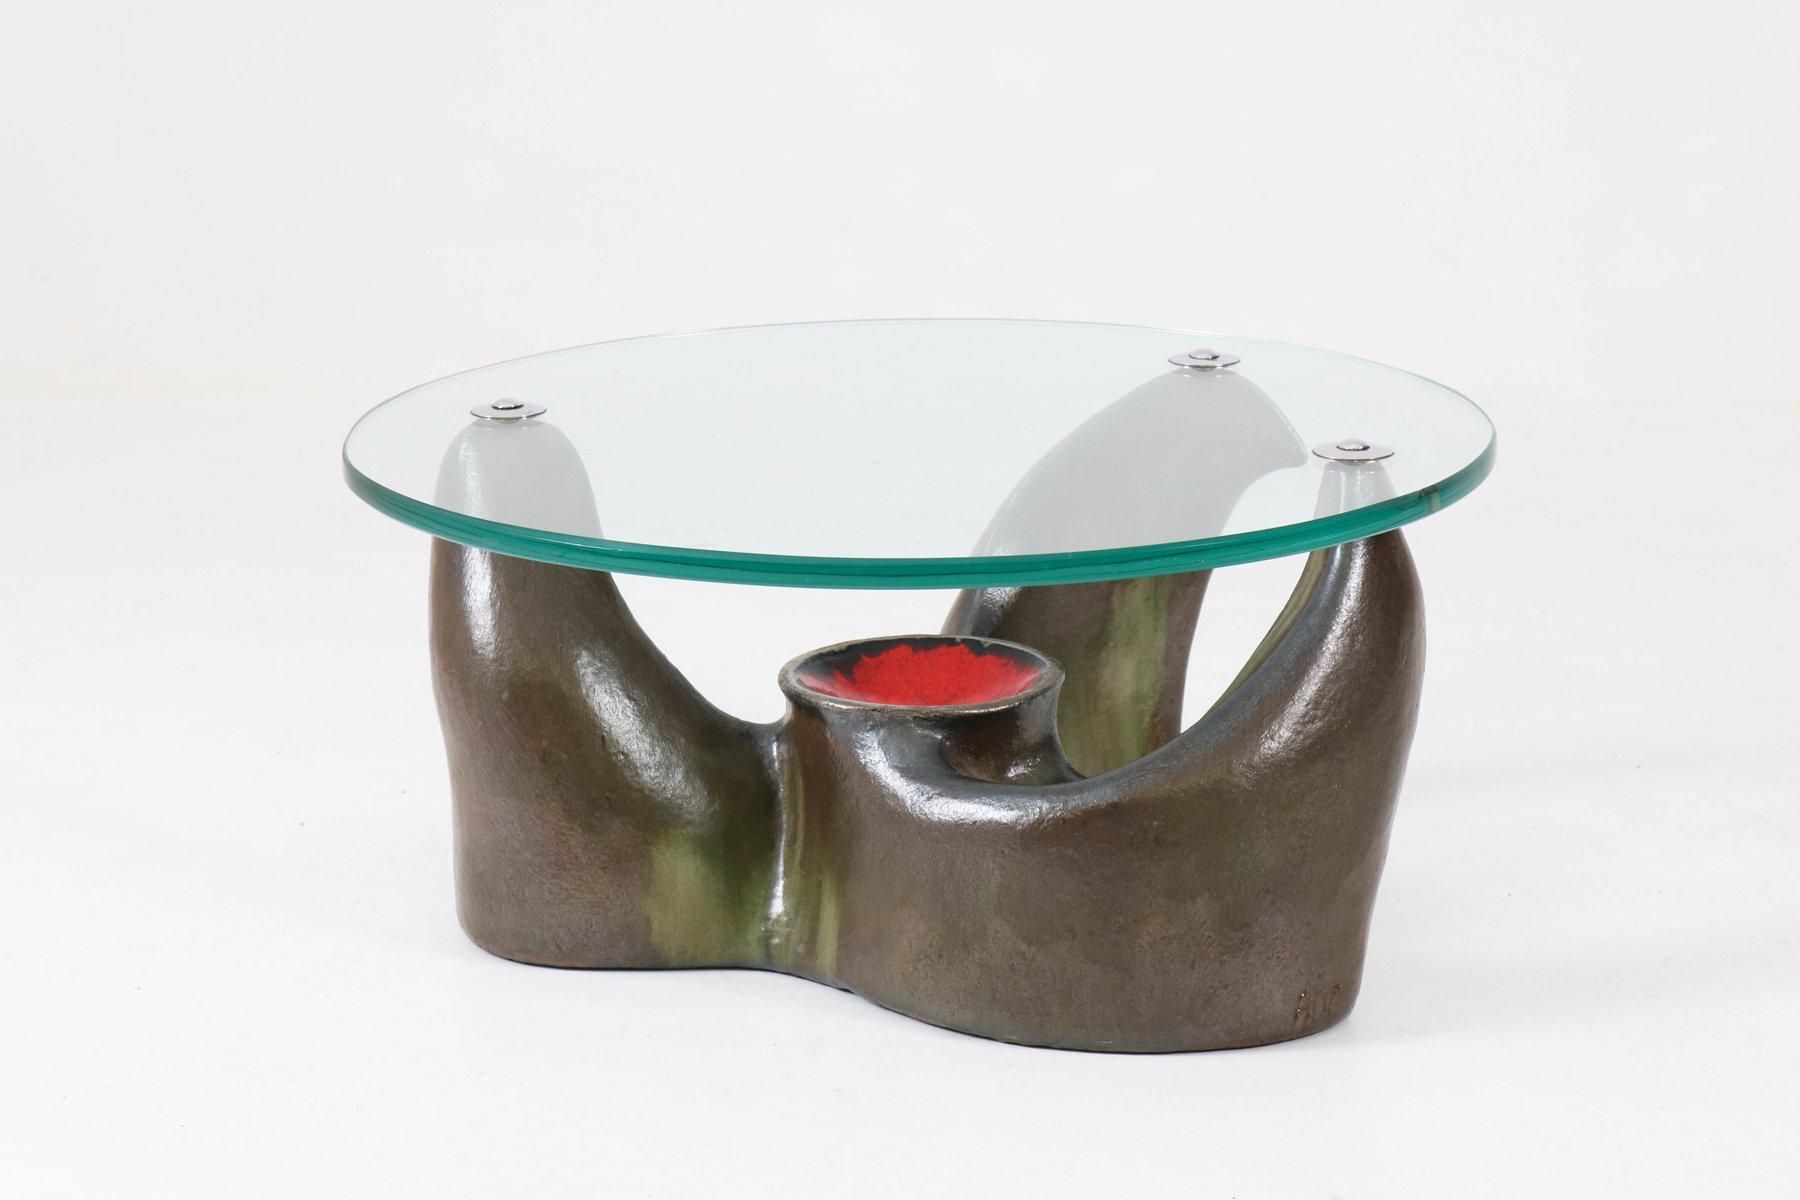 Französischer Mid-Century Modern Bemalter Terracotta Couchtisch mit Gl...